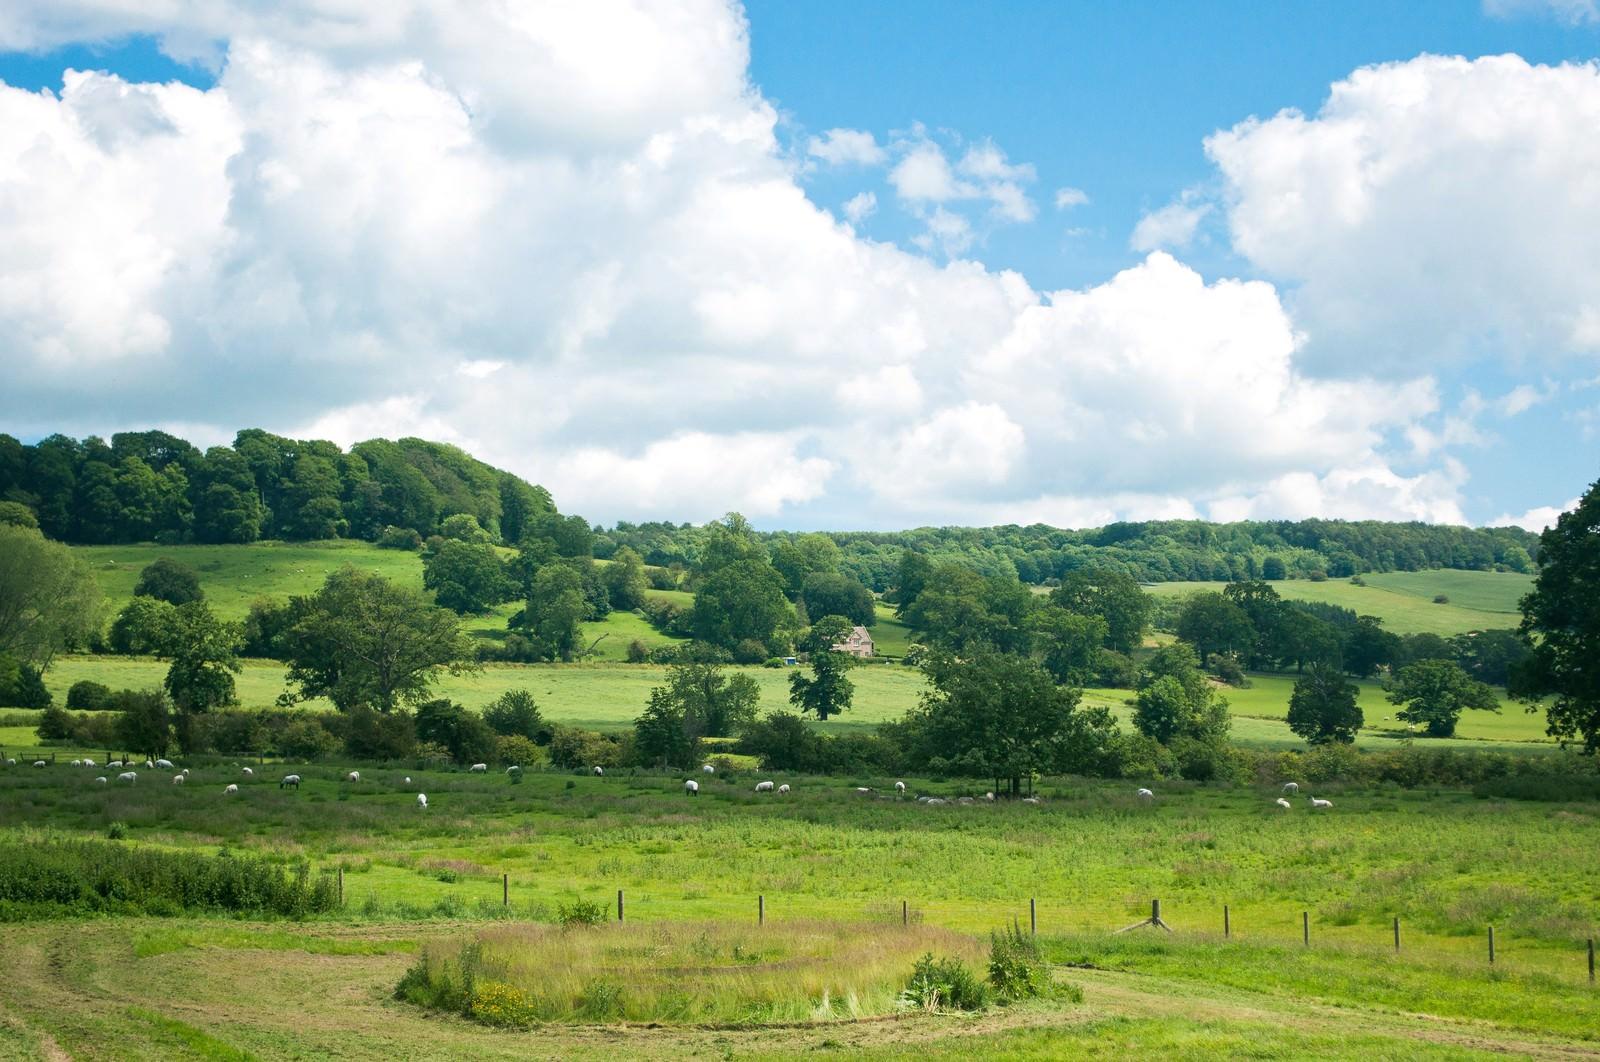 「スードリー城にある牧場」の写真